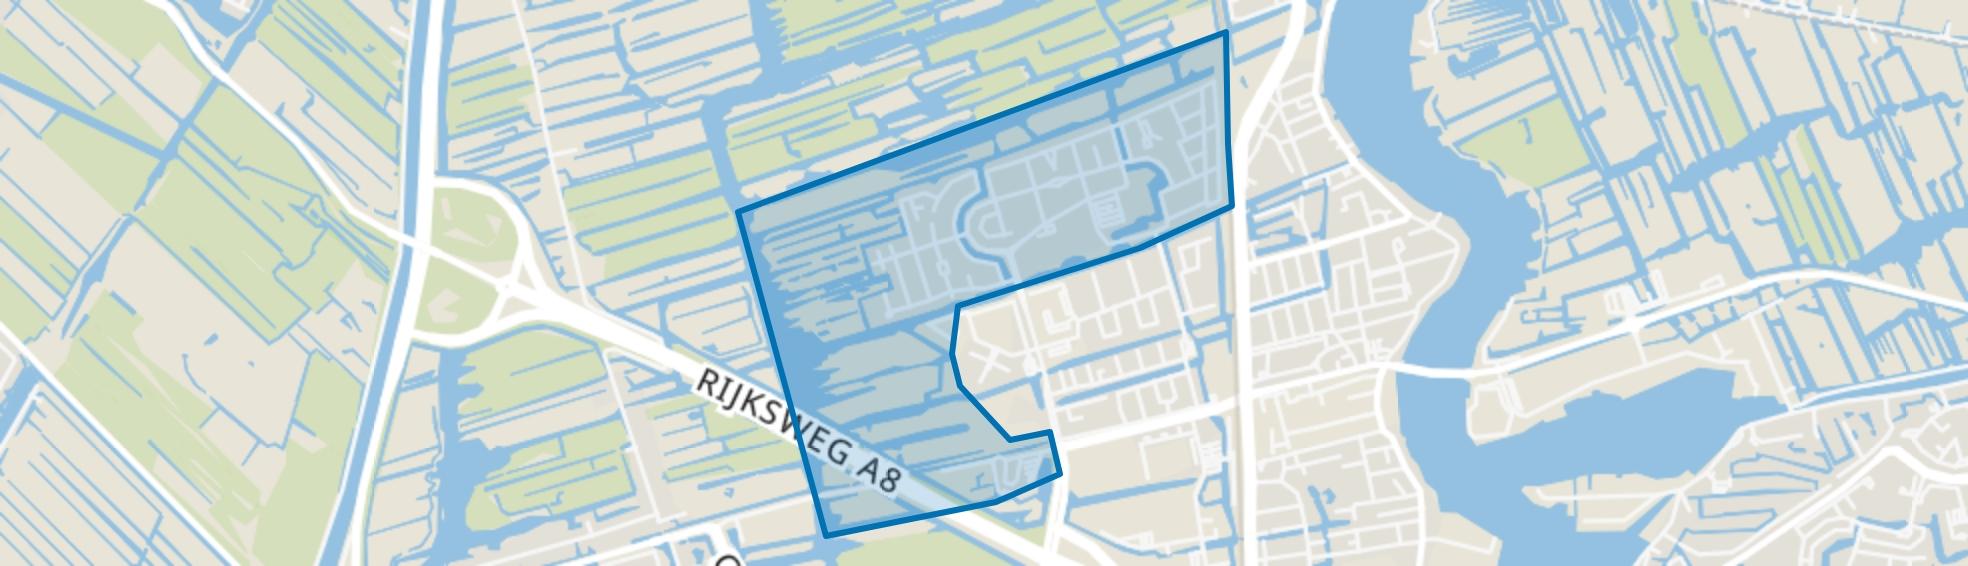 Rooswijk Noord, Zaandijk map